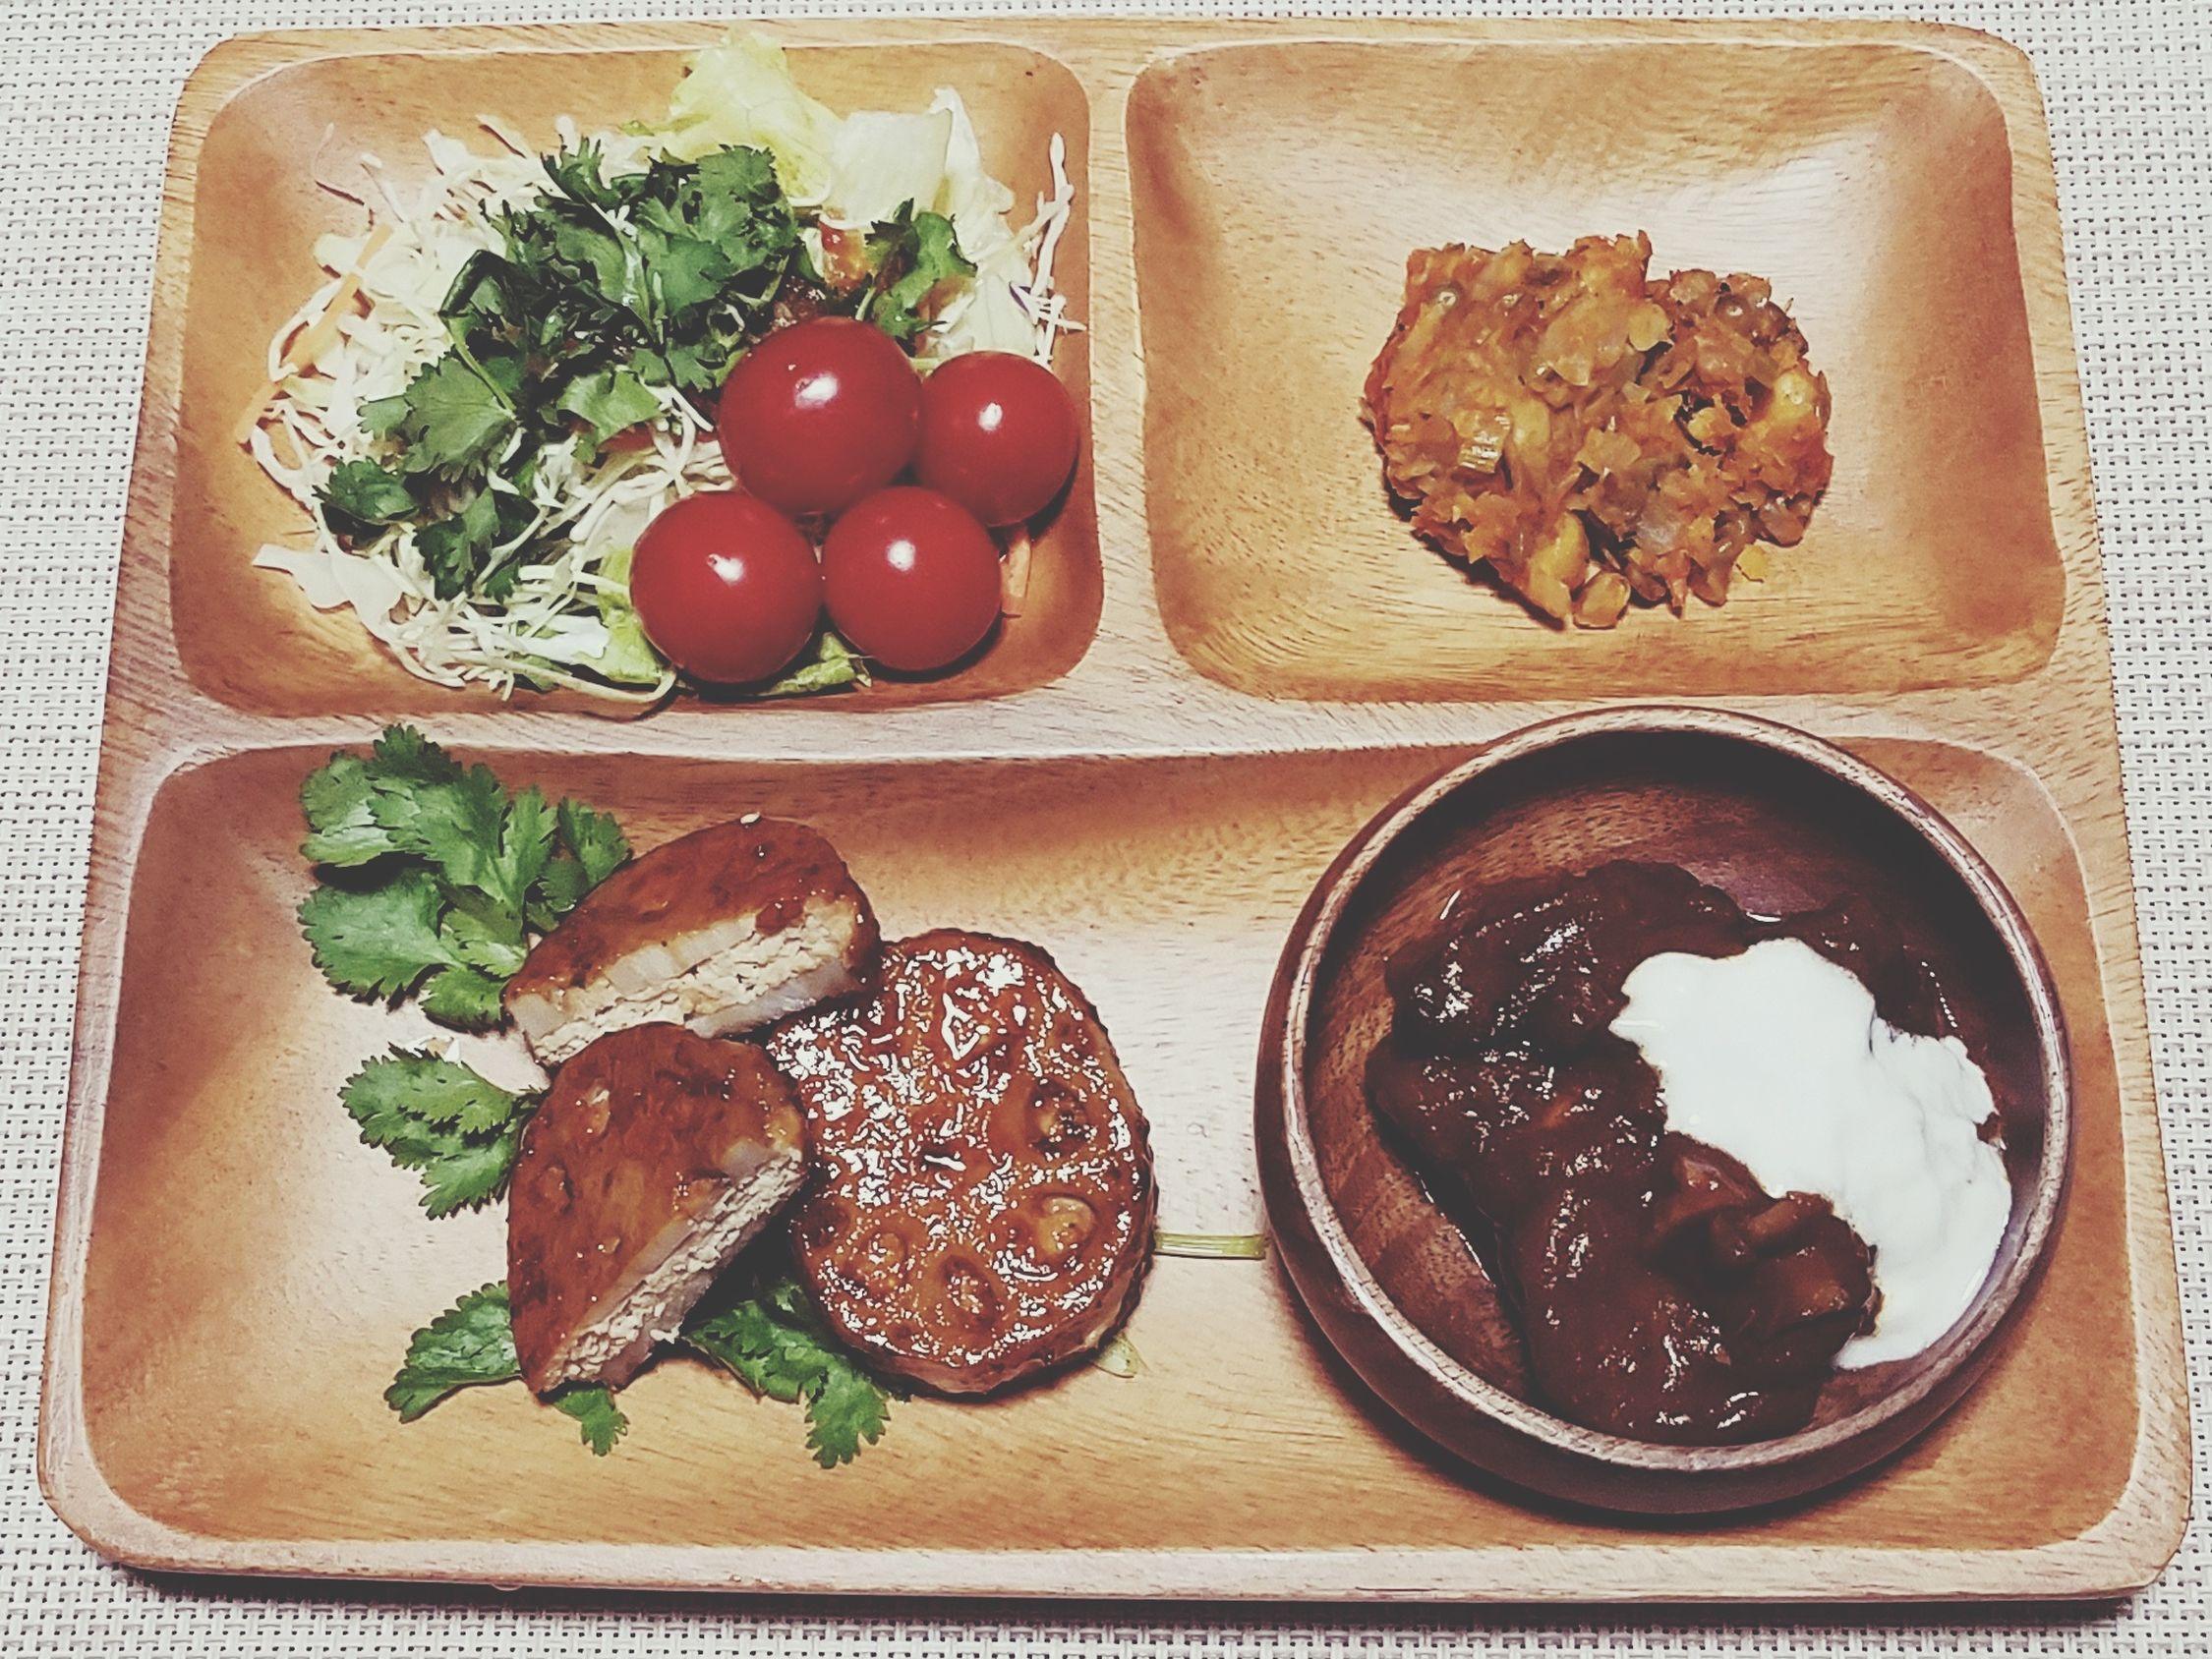 夜ご飯🌙2017.04.05 Food Plate Raíz De Loto Wankom Chicken Meat Frijole Frijoles Tomato Coriander Hashed Beef